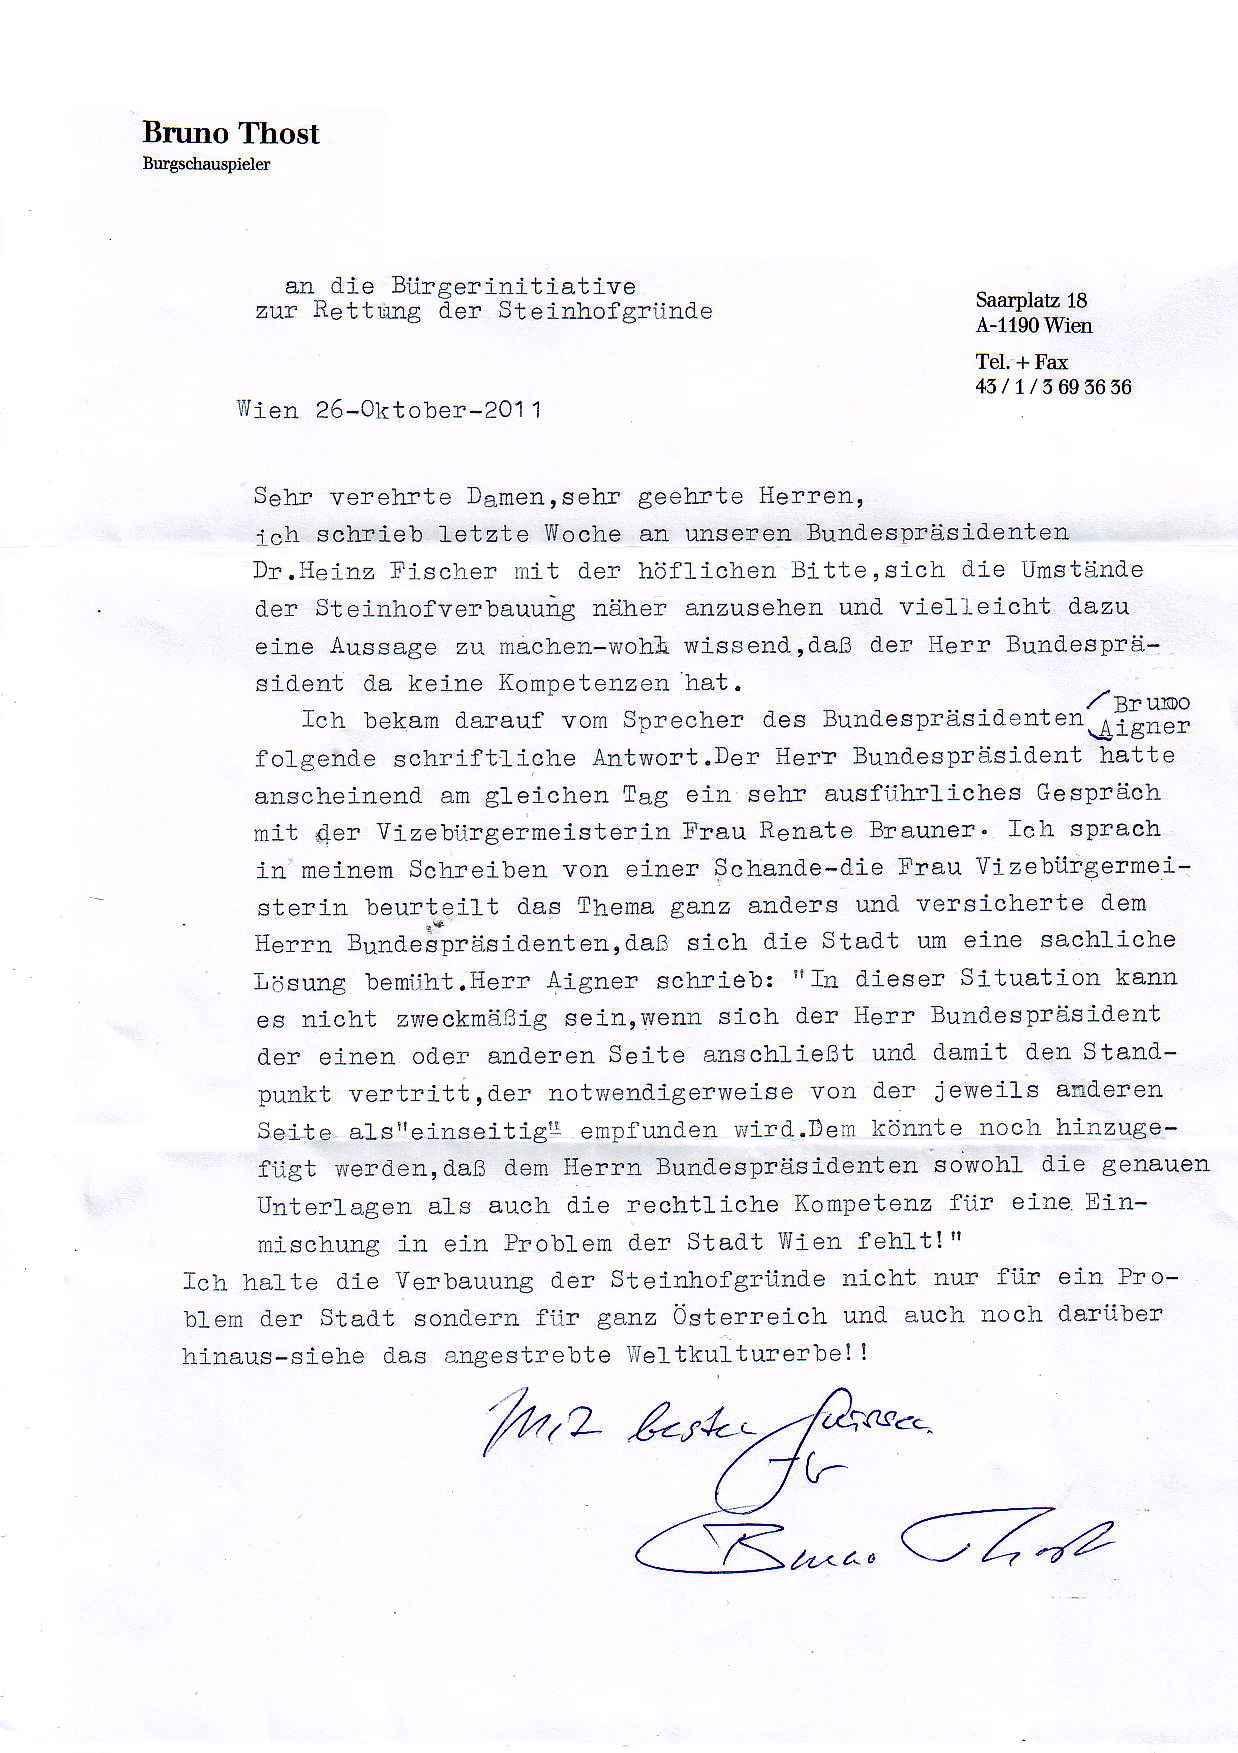 Briefe Von Creditreform : Initiative steinhof offene briefe